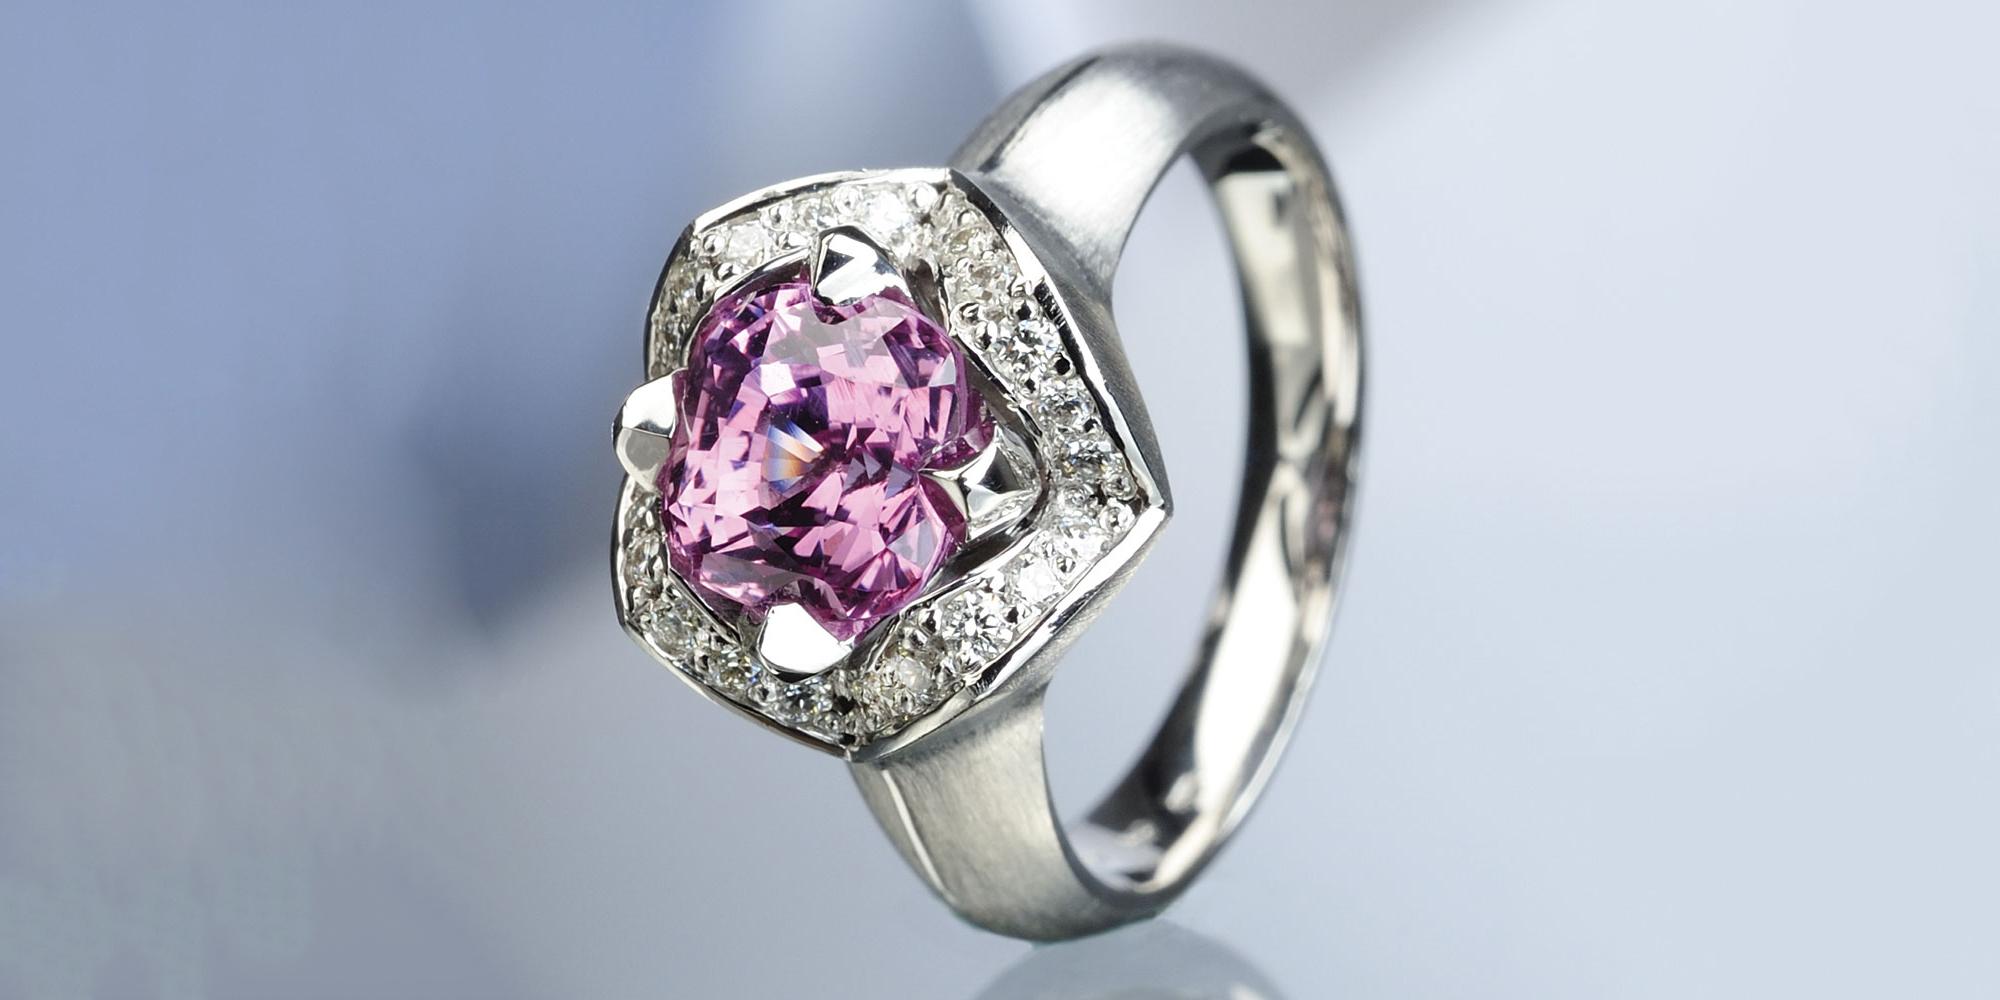 Dámský prsten z bílého zlata s růžovým safírem a diamanty.